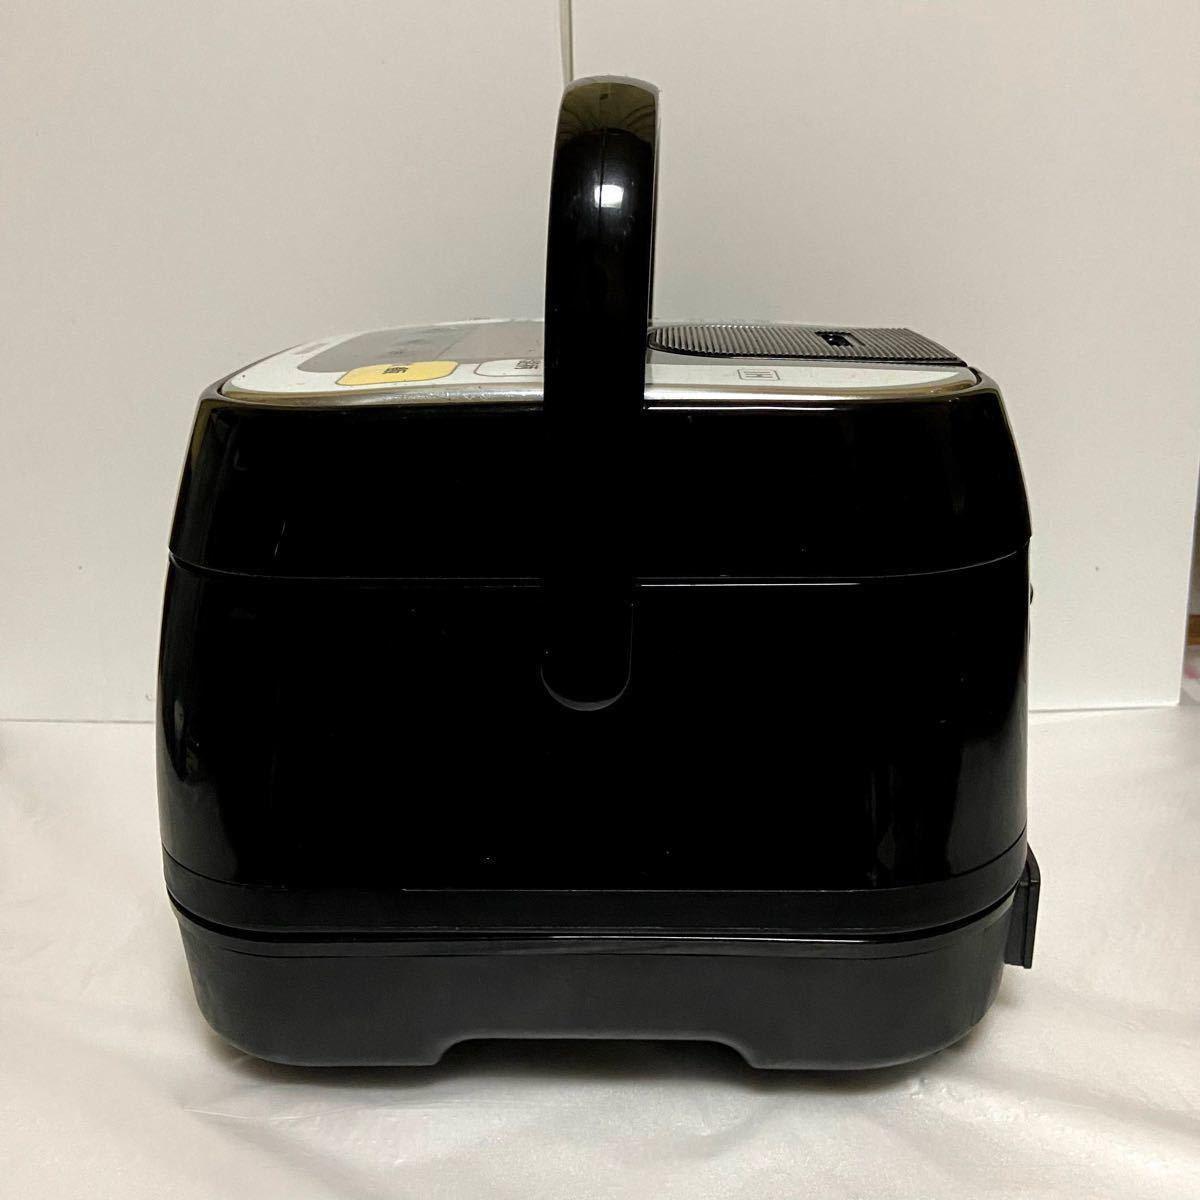 【美品】アイリスオーヤマ 炊飯器 銘柄量り炊き IHコンロ RC-IA30-B